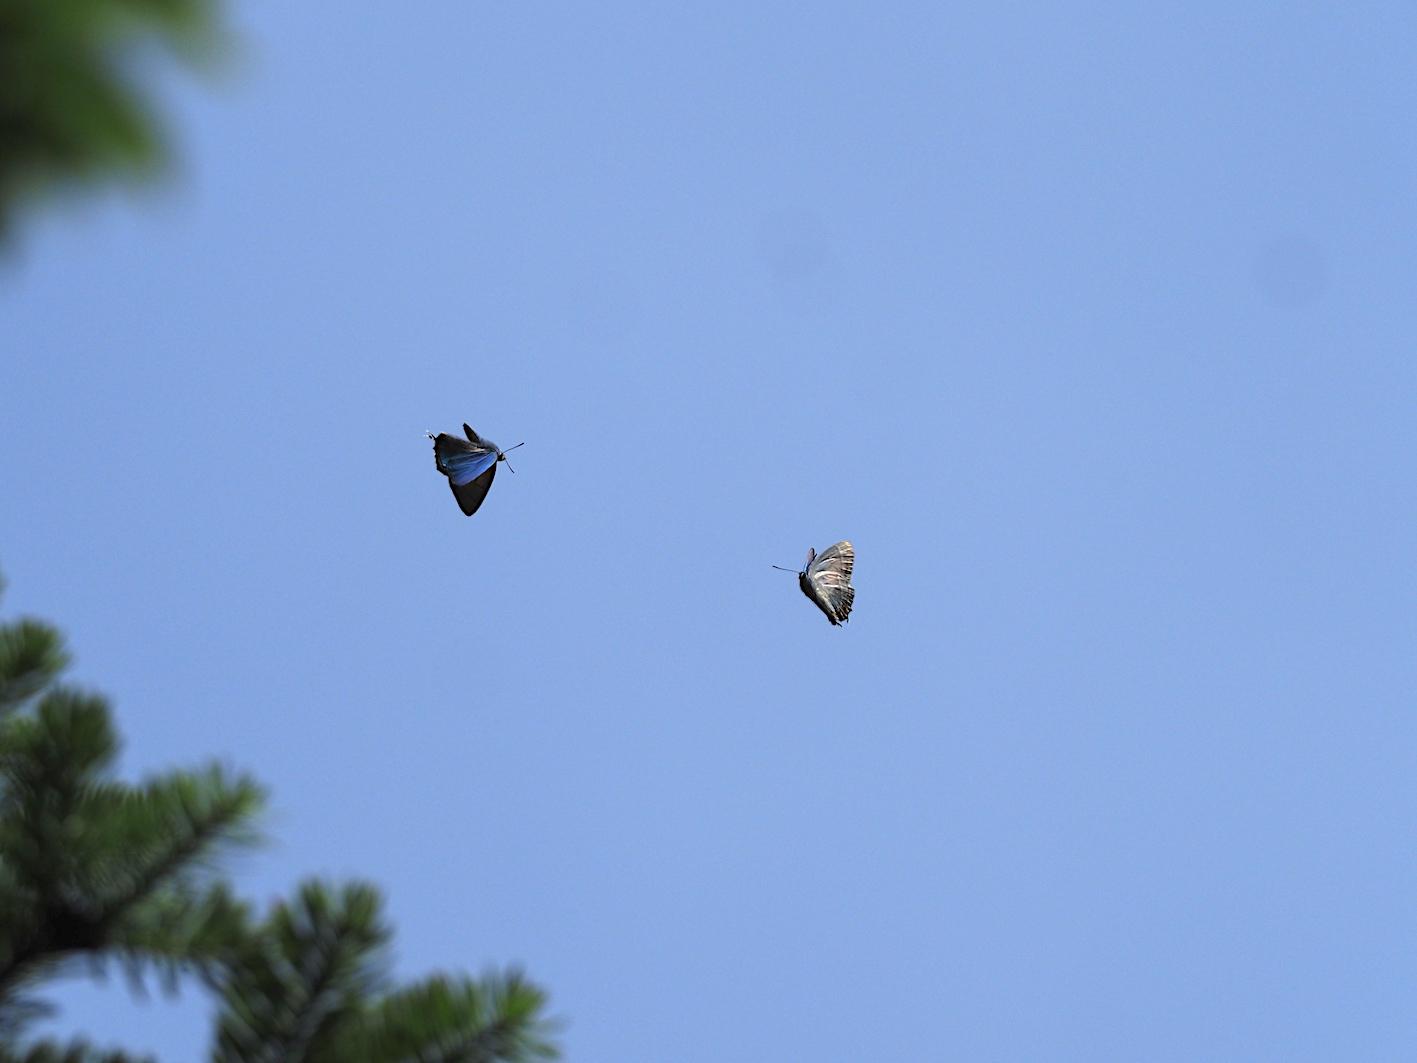 オオミドリシジミの飛翔シーン(2019年6月11日)_d0303129_7261214.jpg